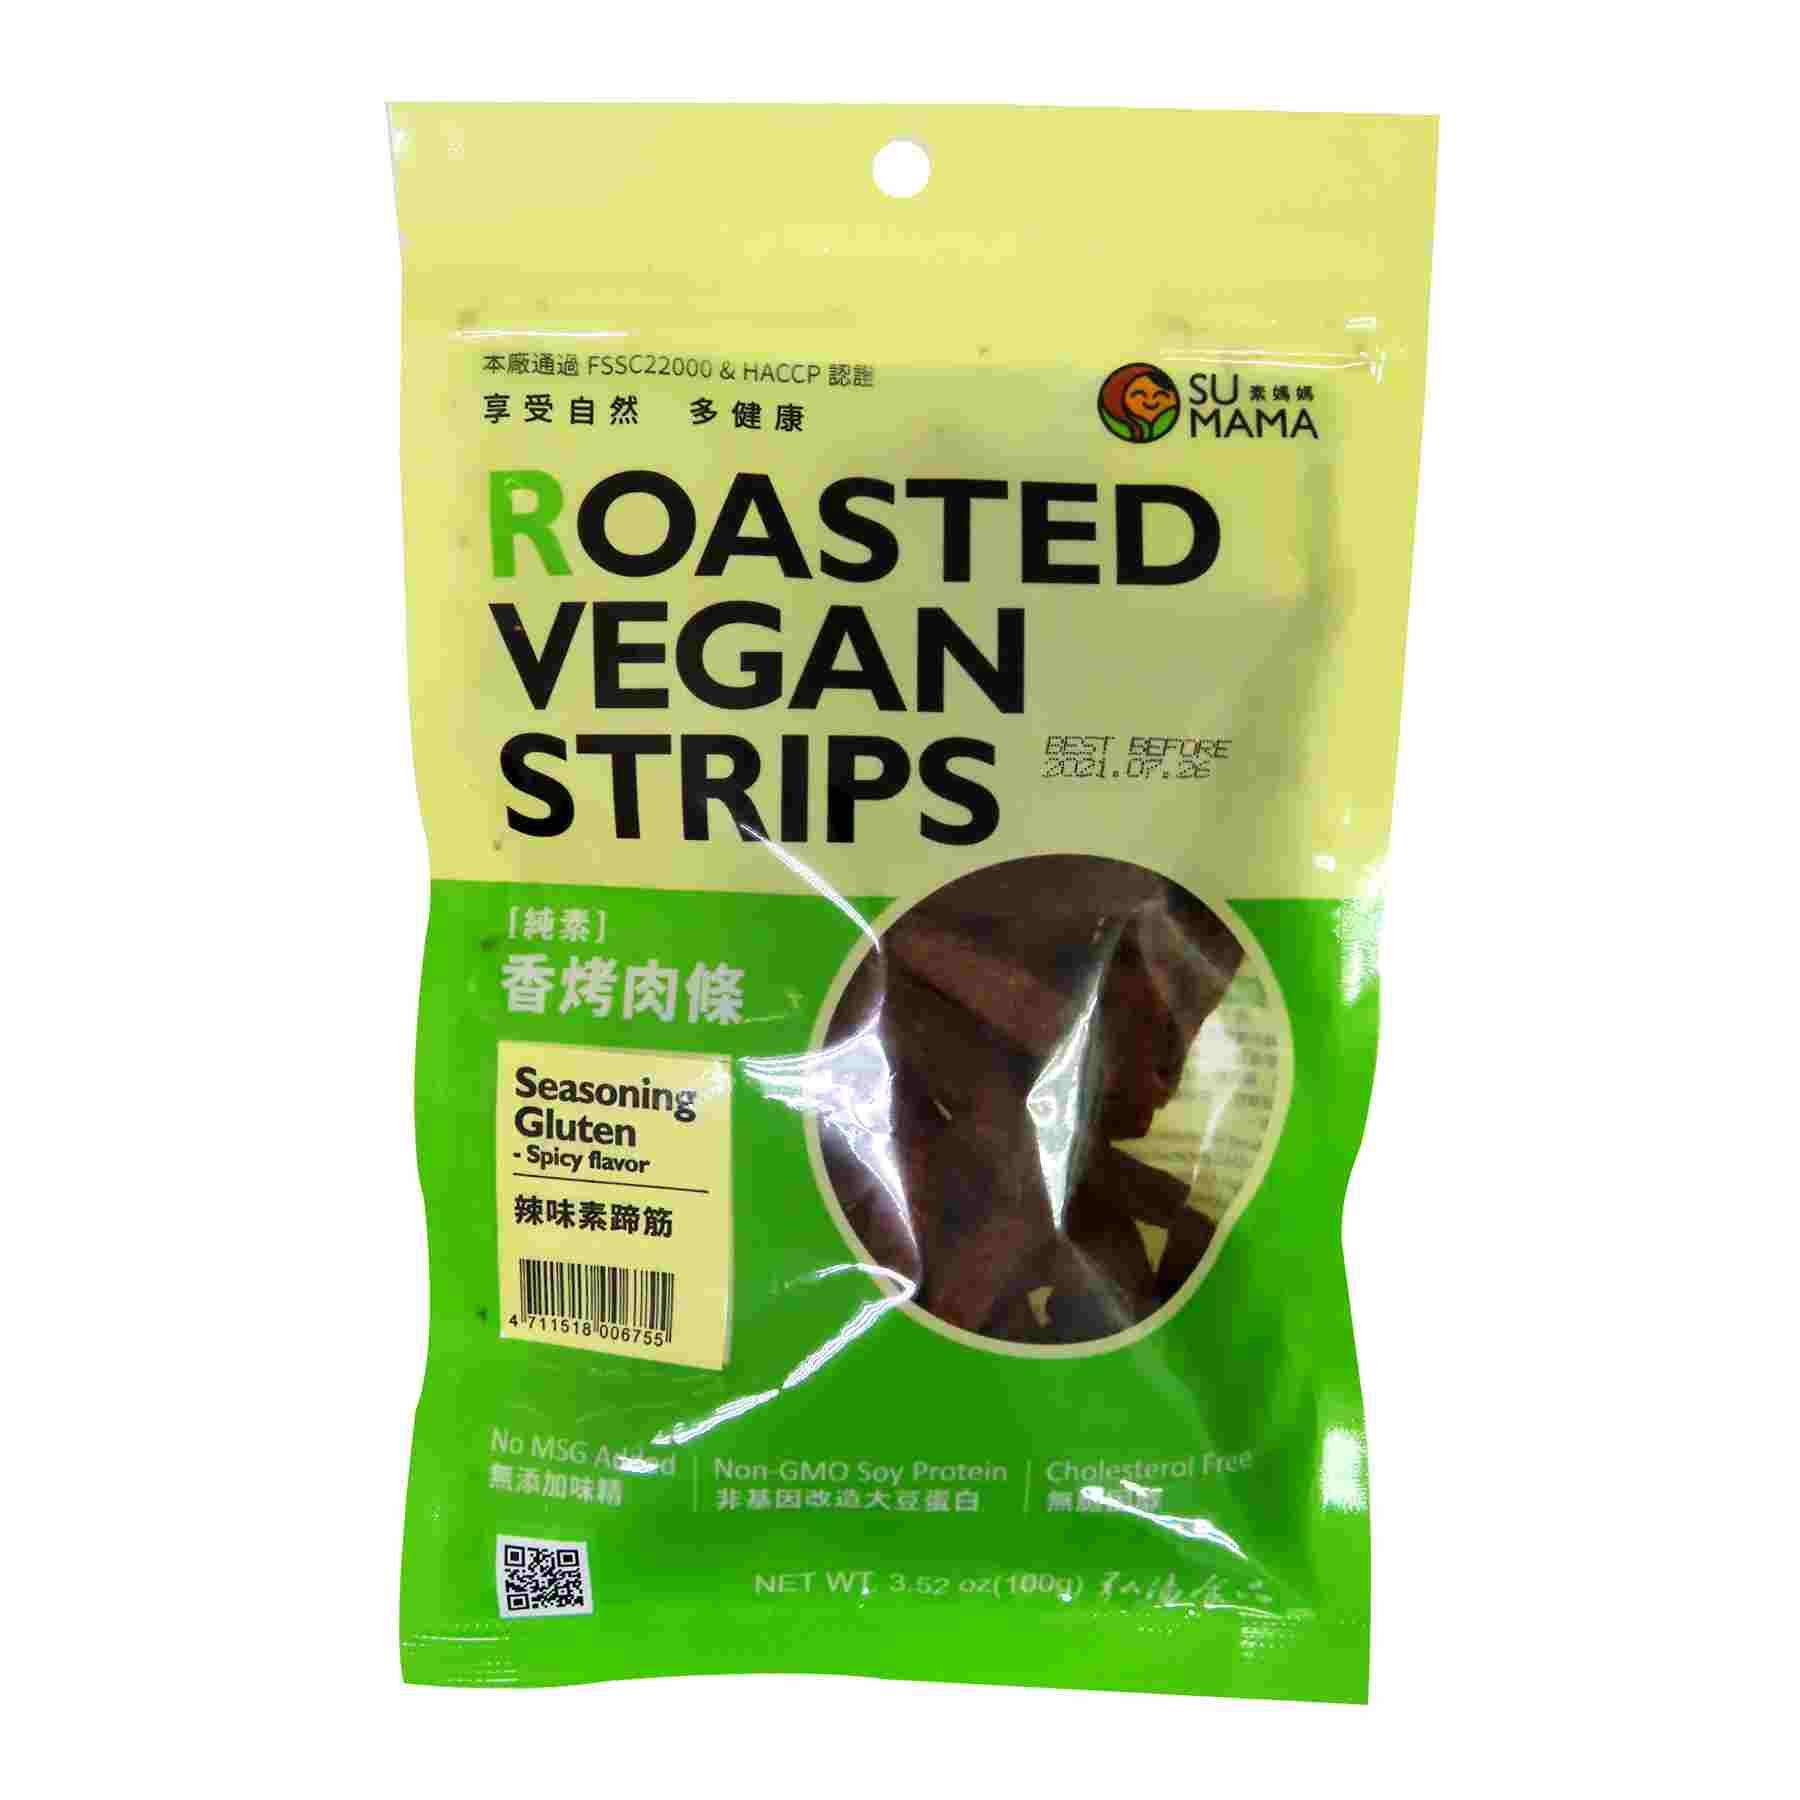 Image Roasted Vegan Jerky 素妈妈 - 香烤肉条(辣味)100grams